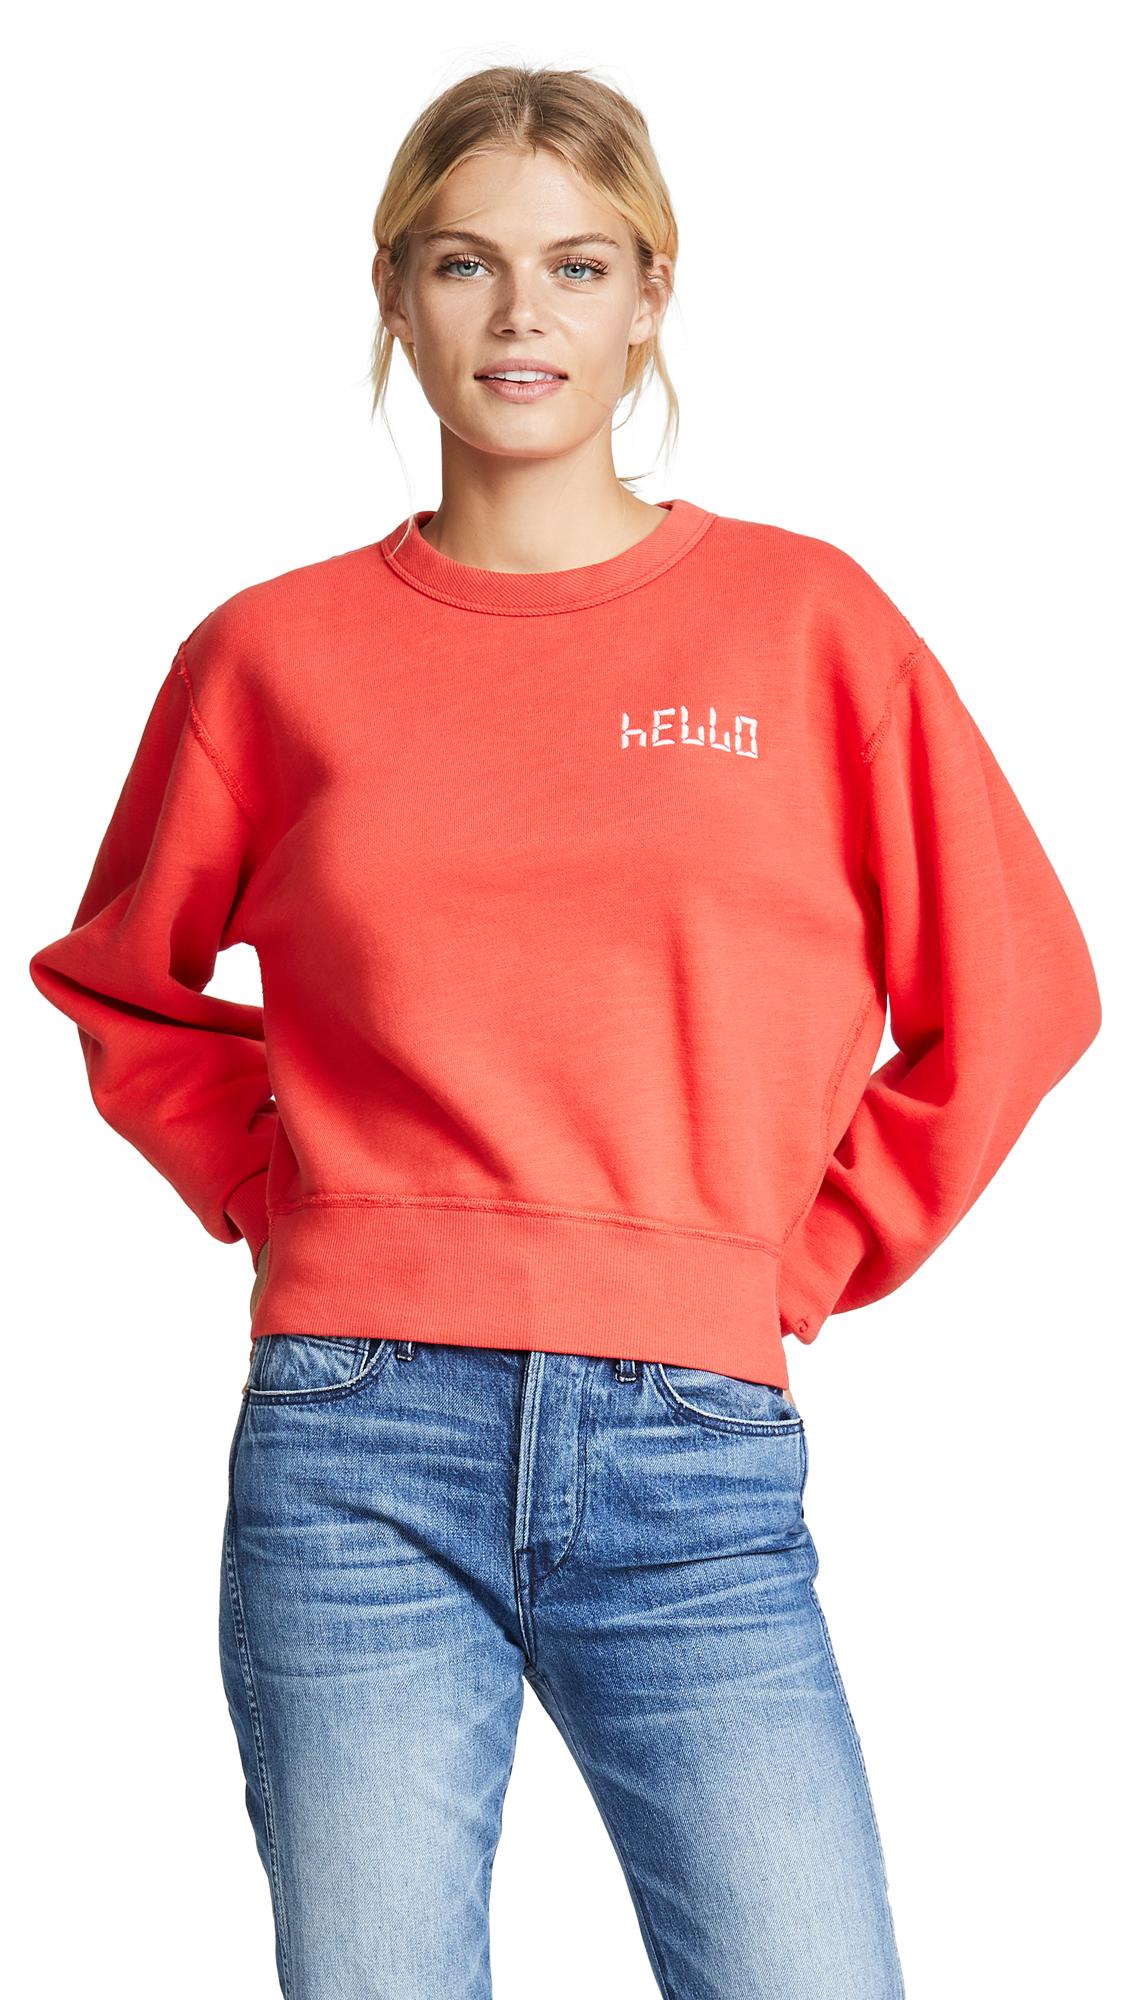 Rag & Bone/JEAN HELLO Sweatshirt In Candy Apple